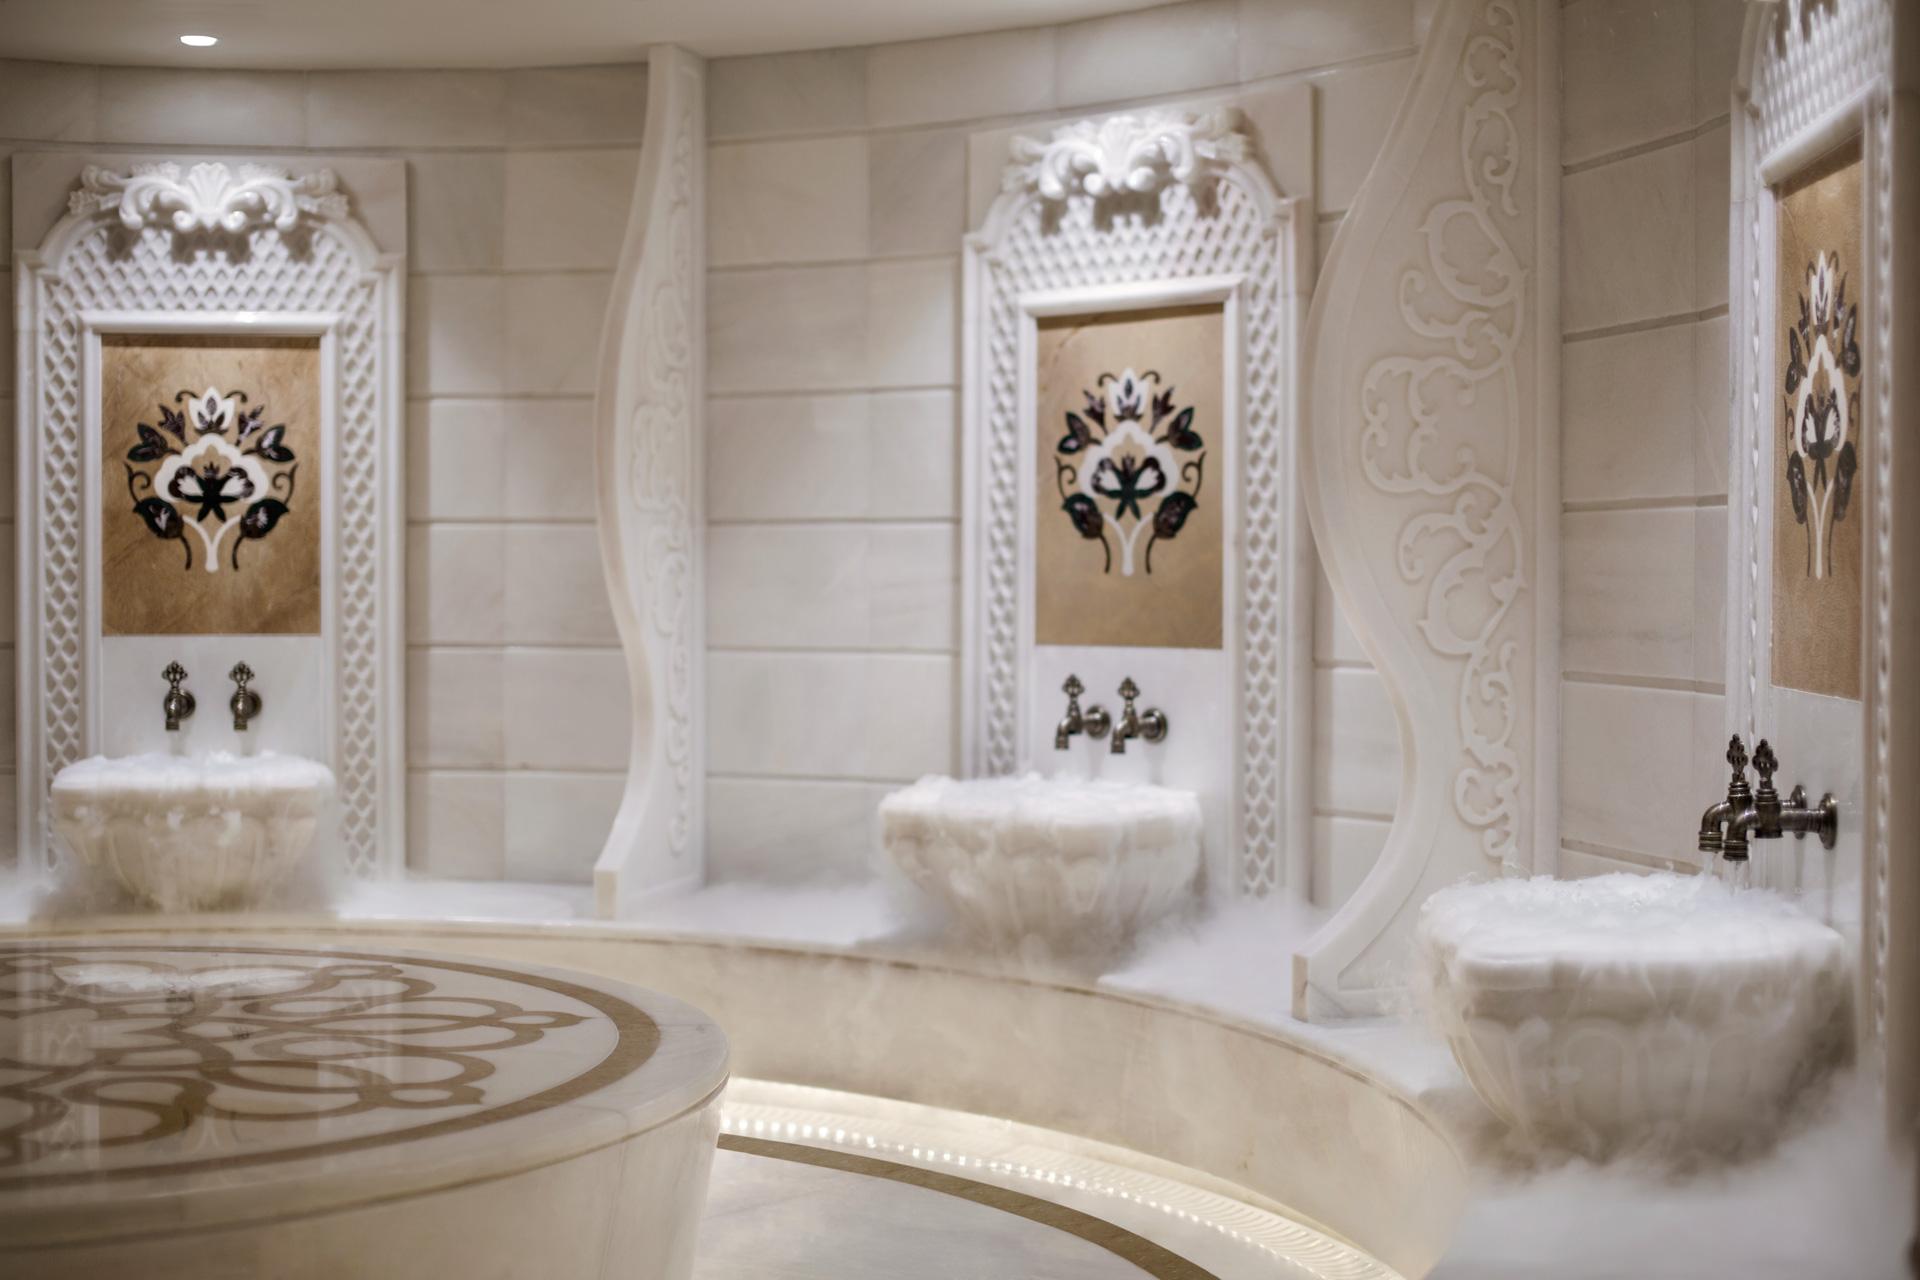 Lazzoni Hotel | Turkish Bath